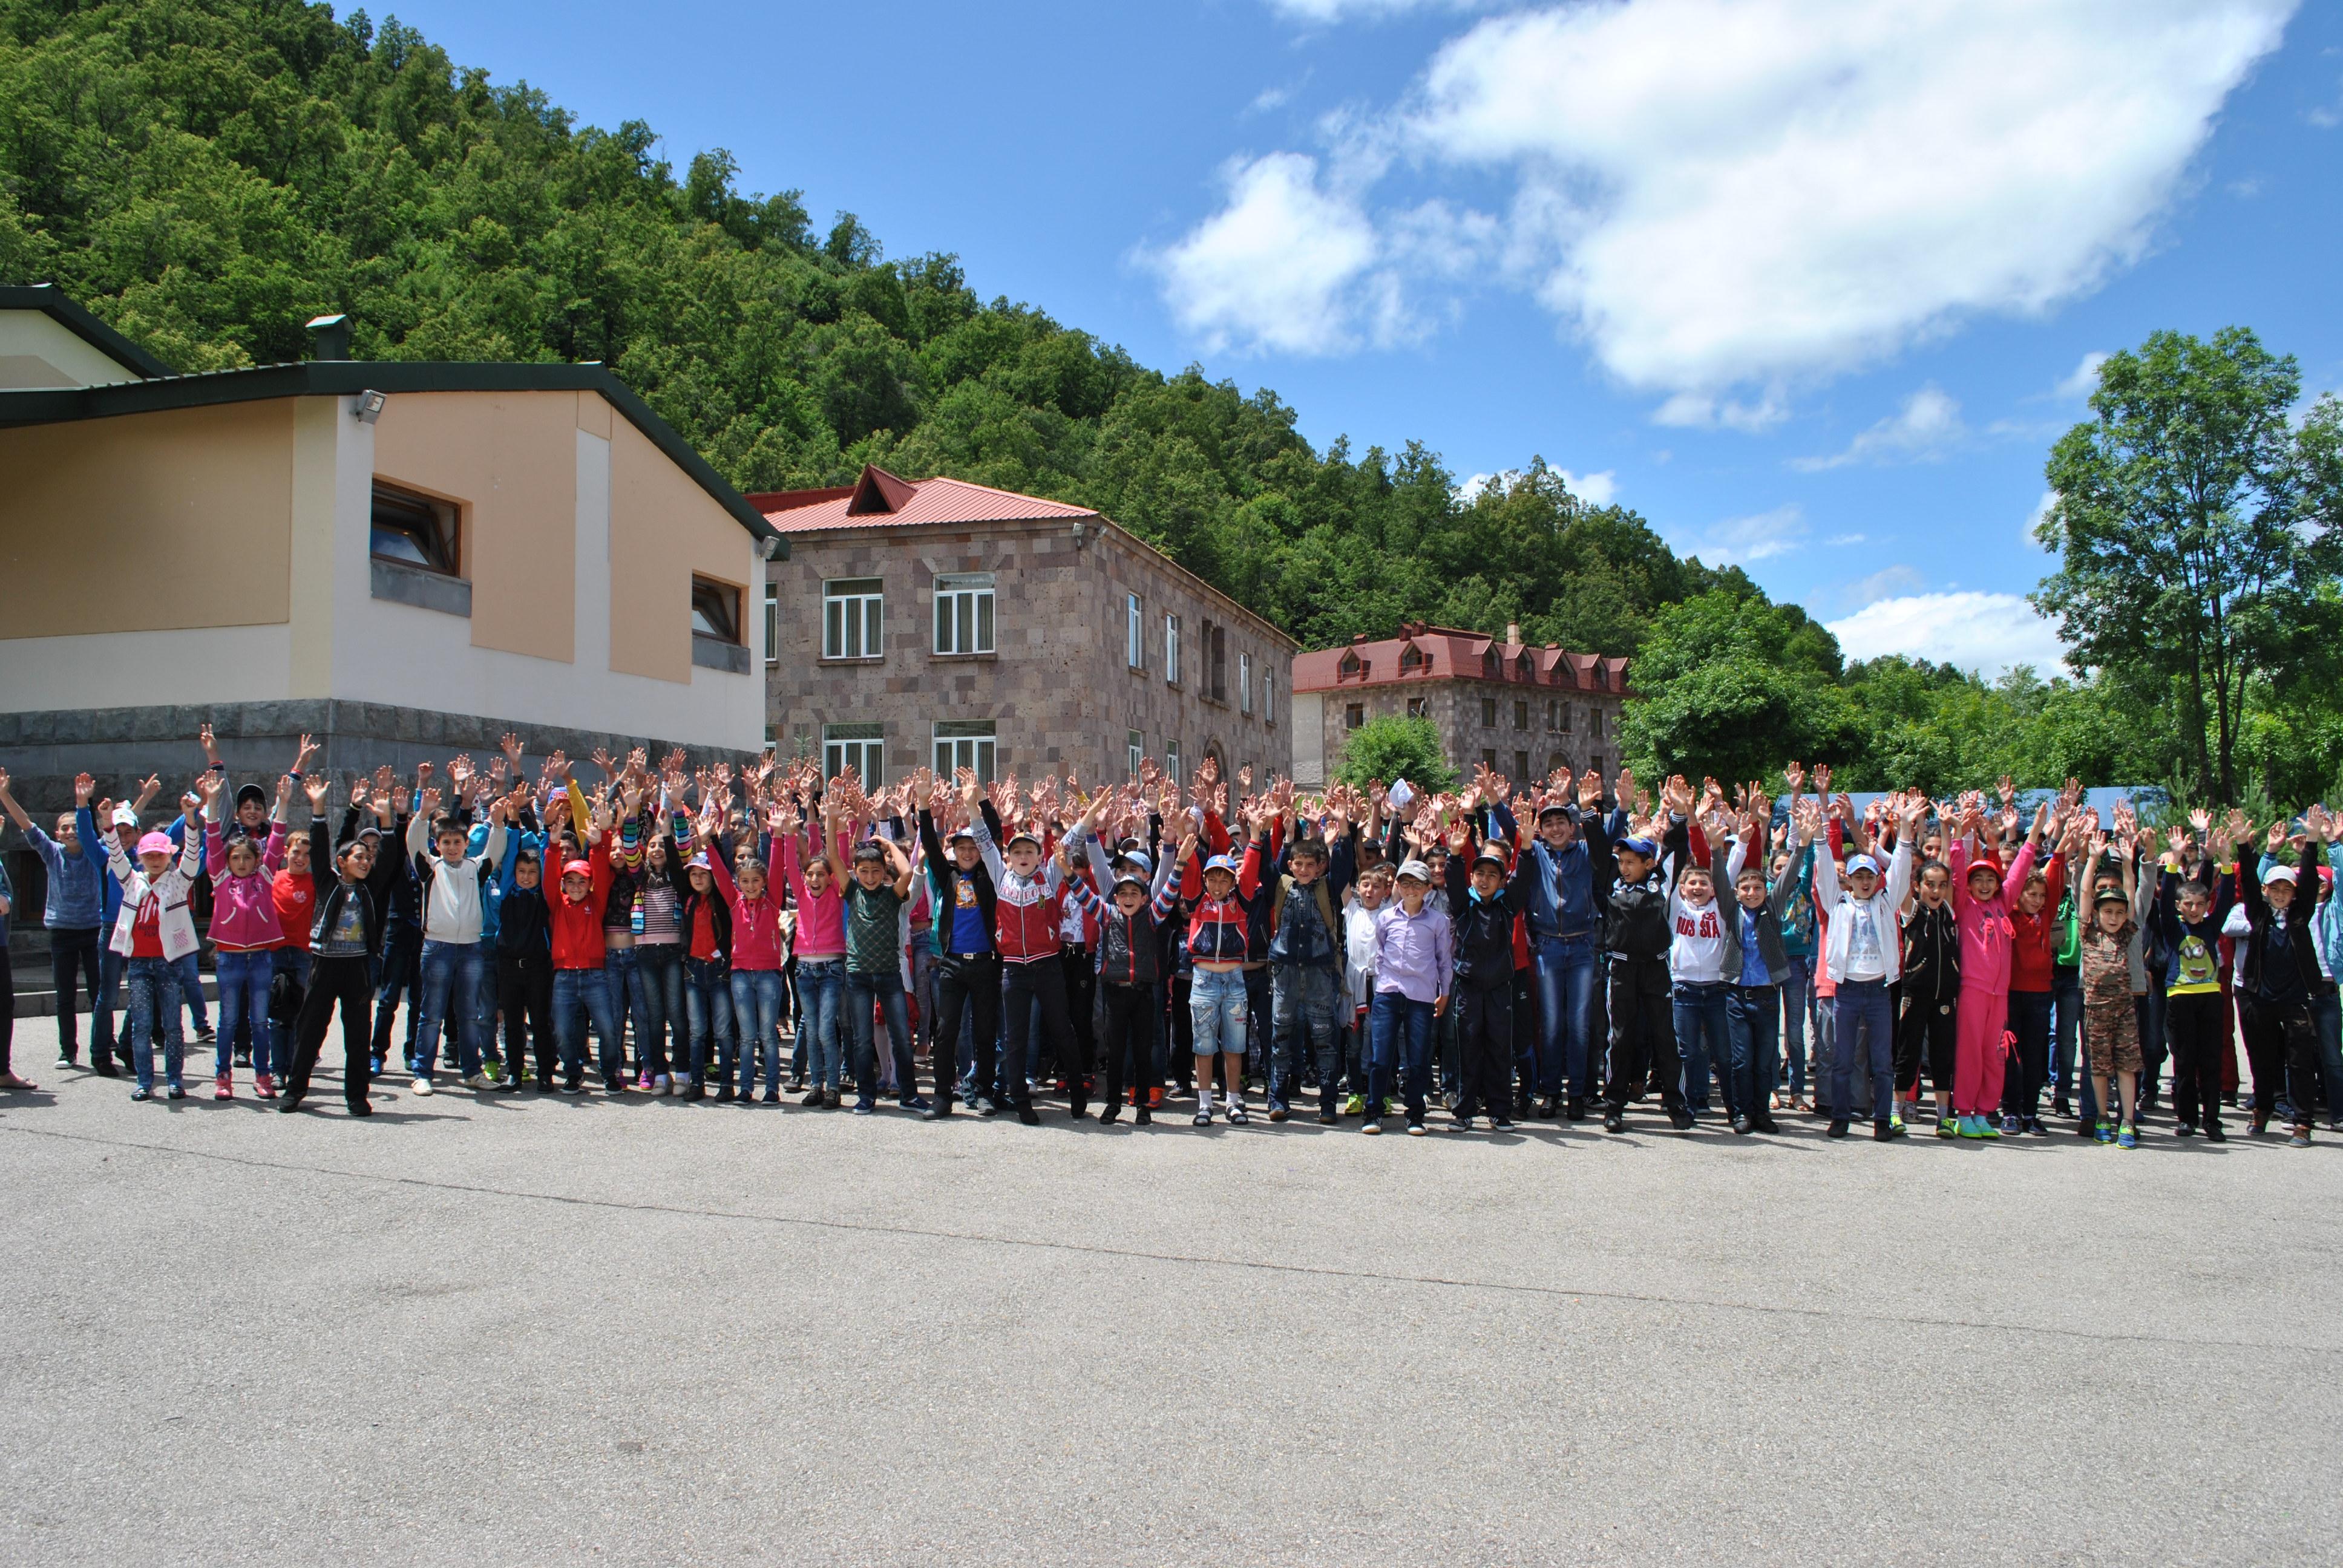 Տեխնոլոգիական ճամբար` 600 դպրոցականի համար